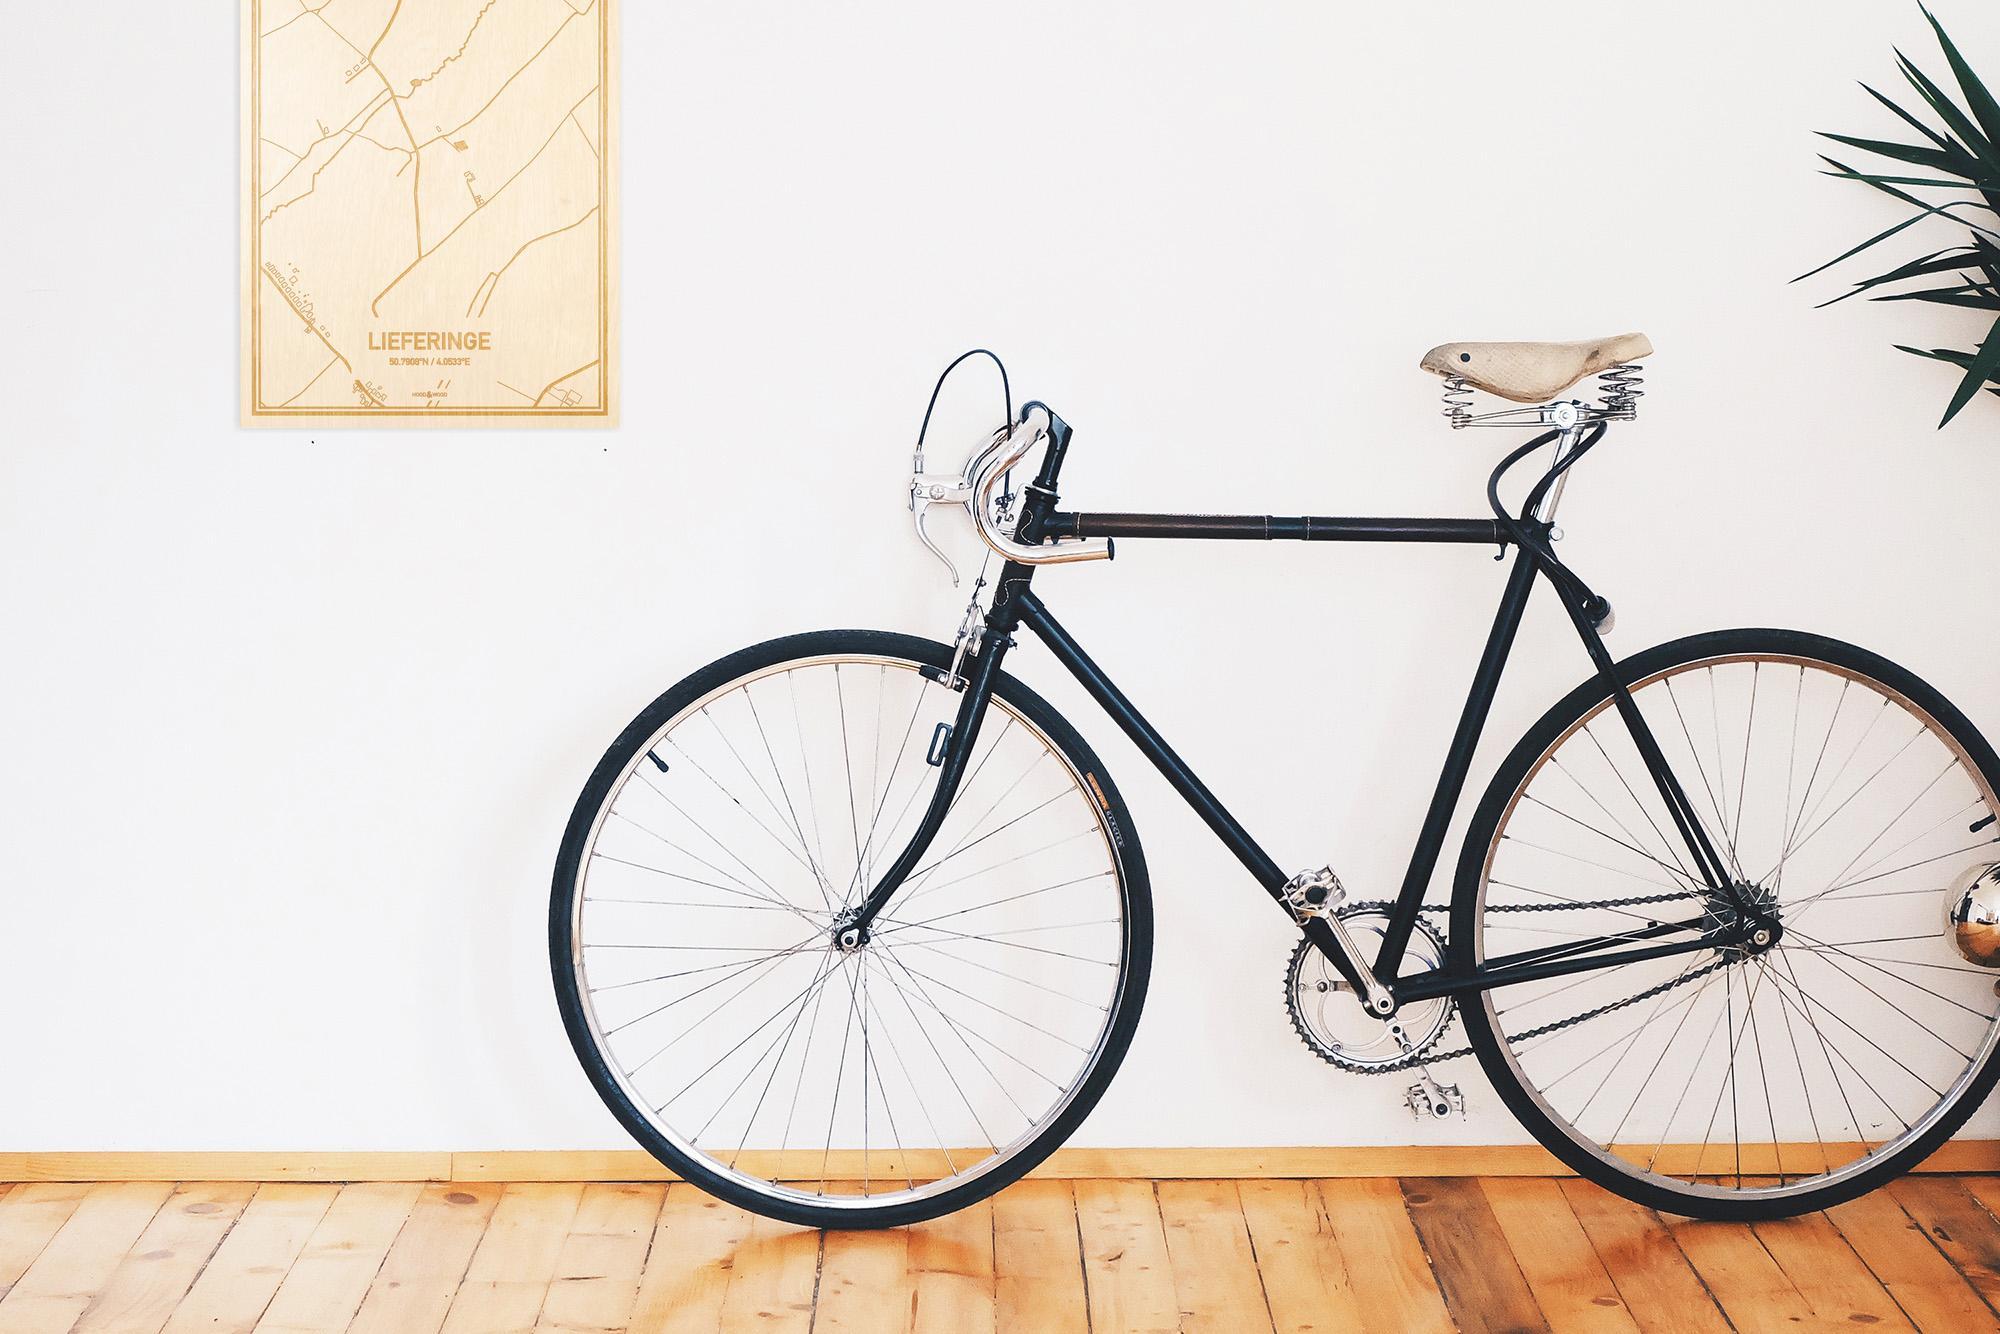 Een snelle fiets in een uniek interieur in Oost-Vlaanderen  met mooie decoratie zoals de plattegrond Lieferinge.